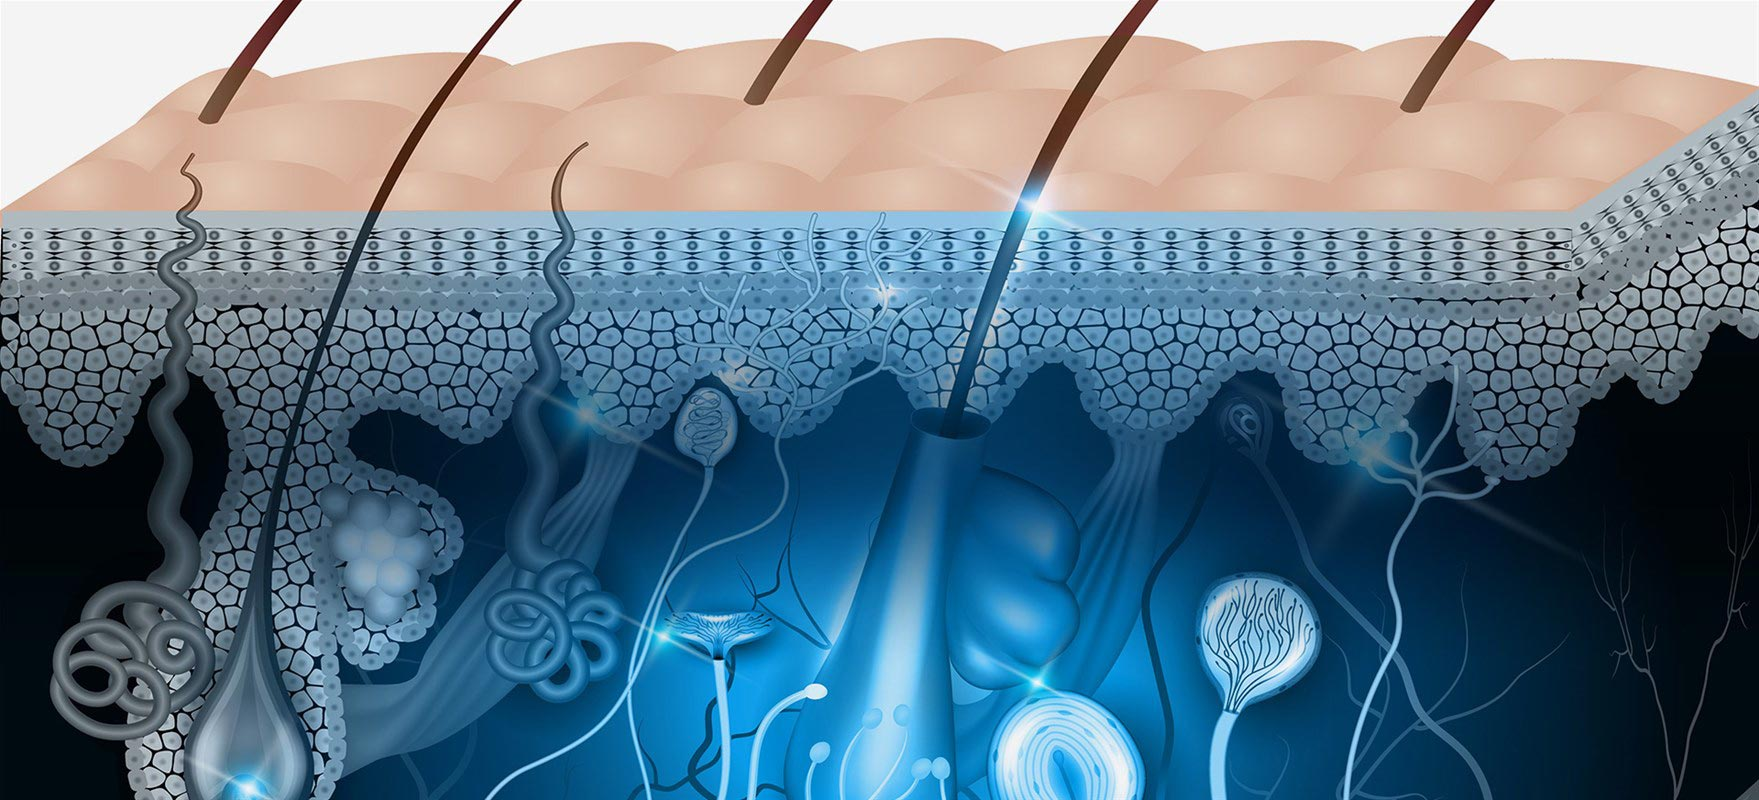 Κυρίτσης , Παθήσεις δέρματος μαλακών μορίων